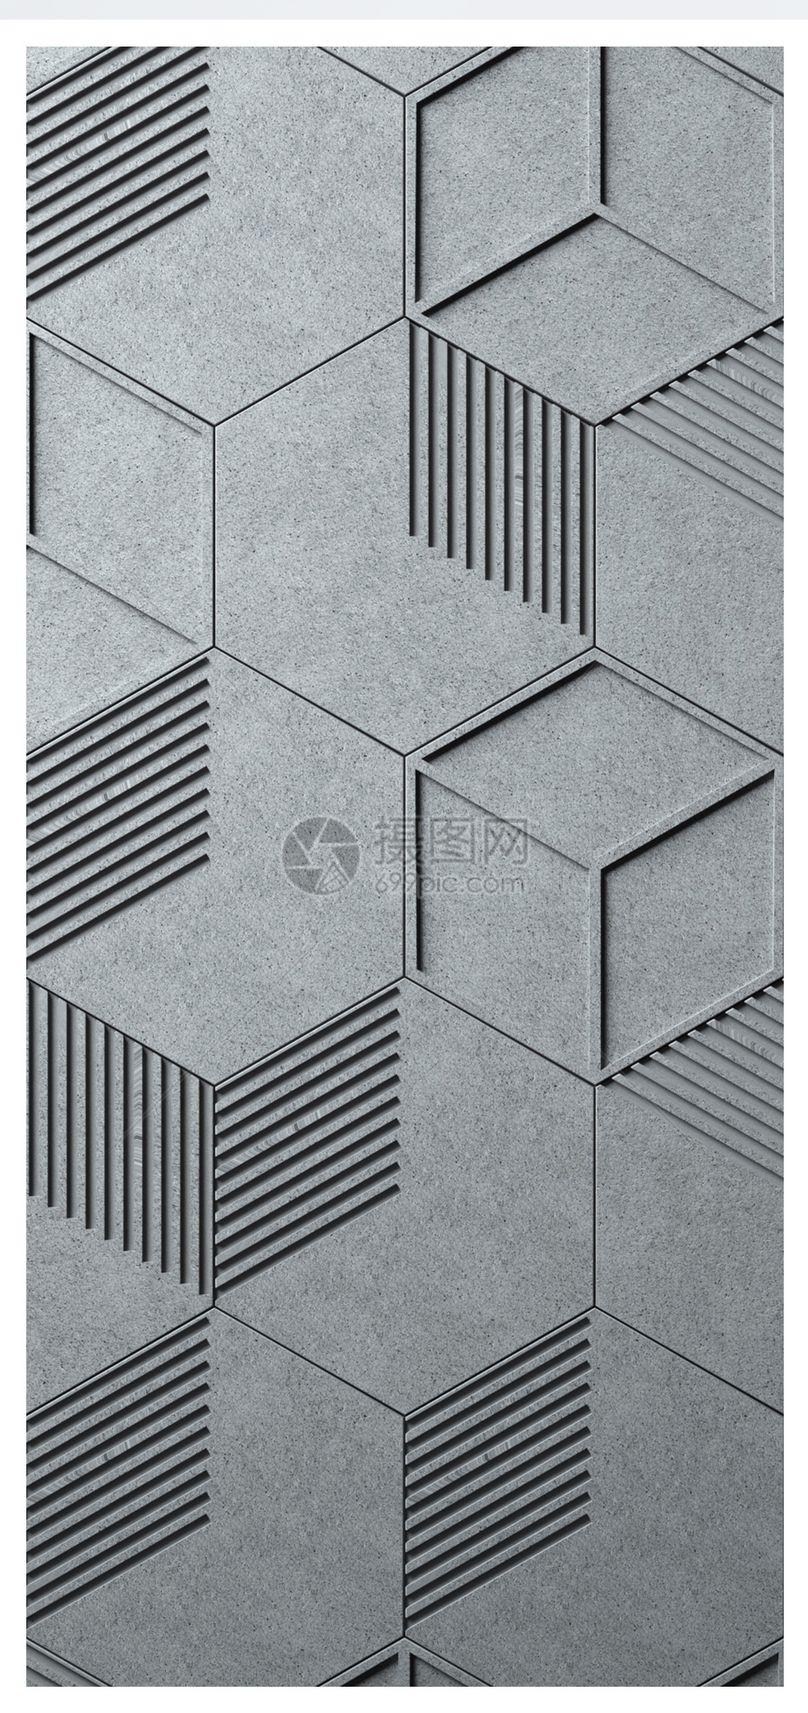 水泥抽象背景手机壁纸图片